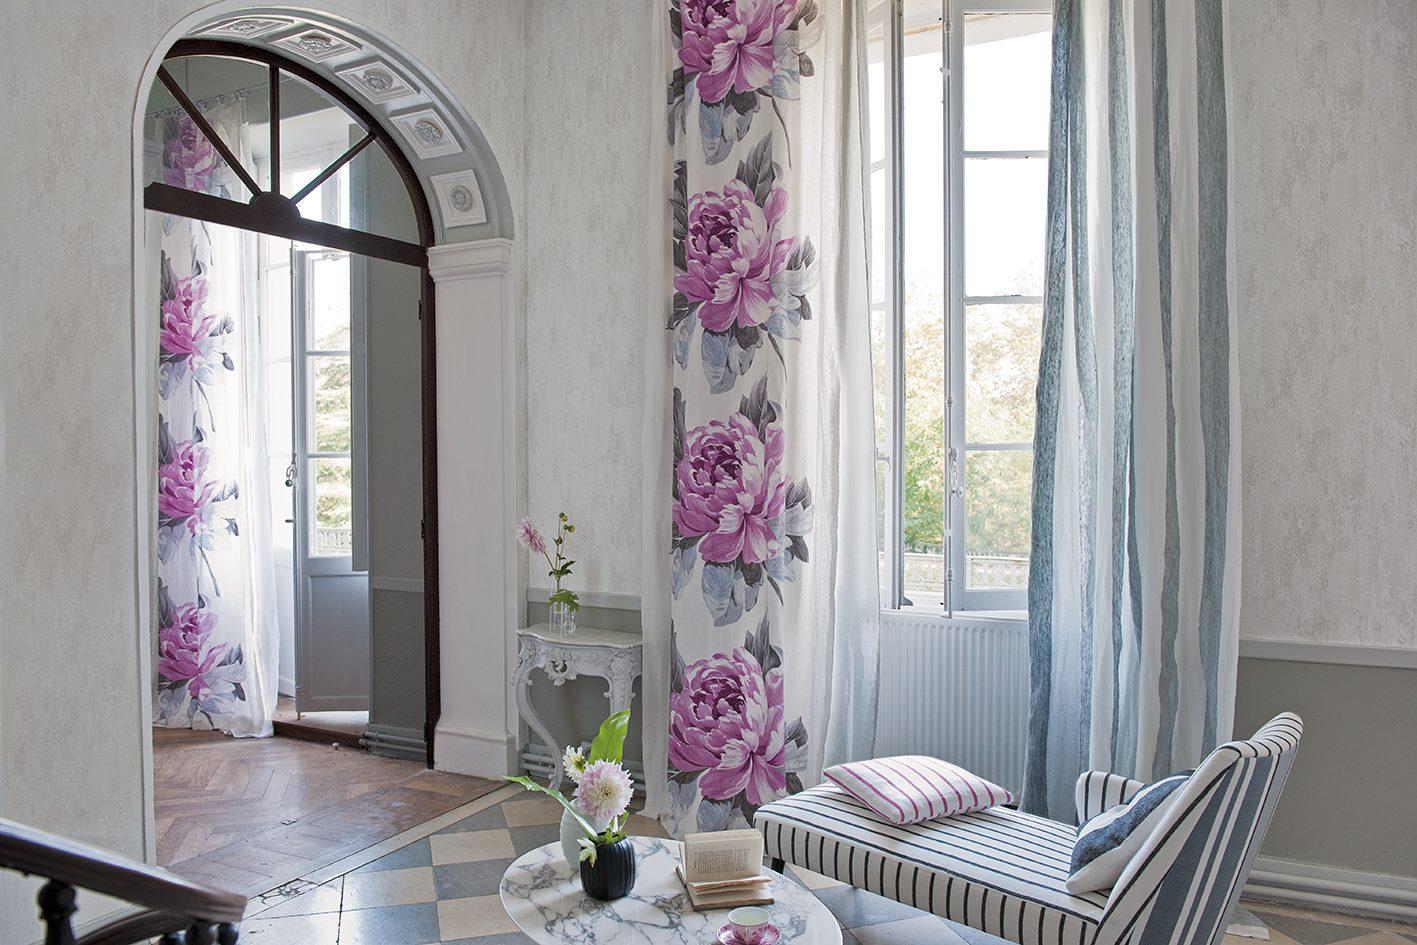 Шторы с цветами в интерьере дома